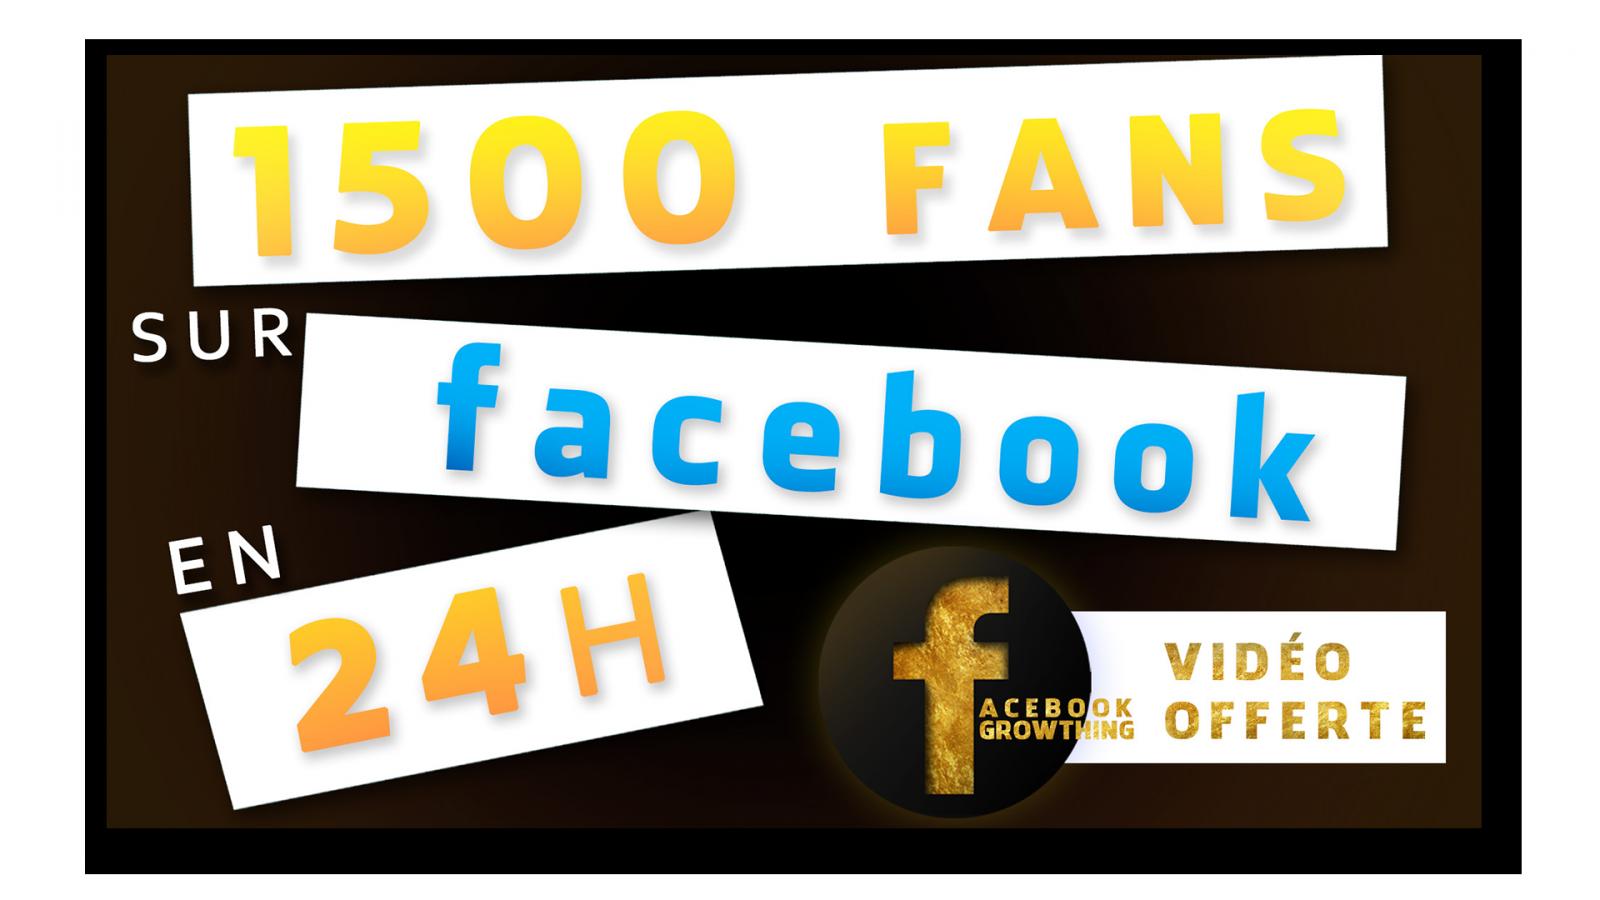 1500 Fans sur Facebook en 24H